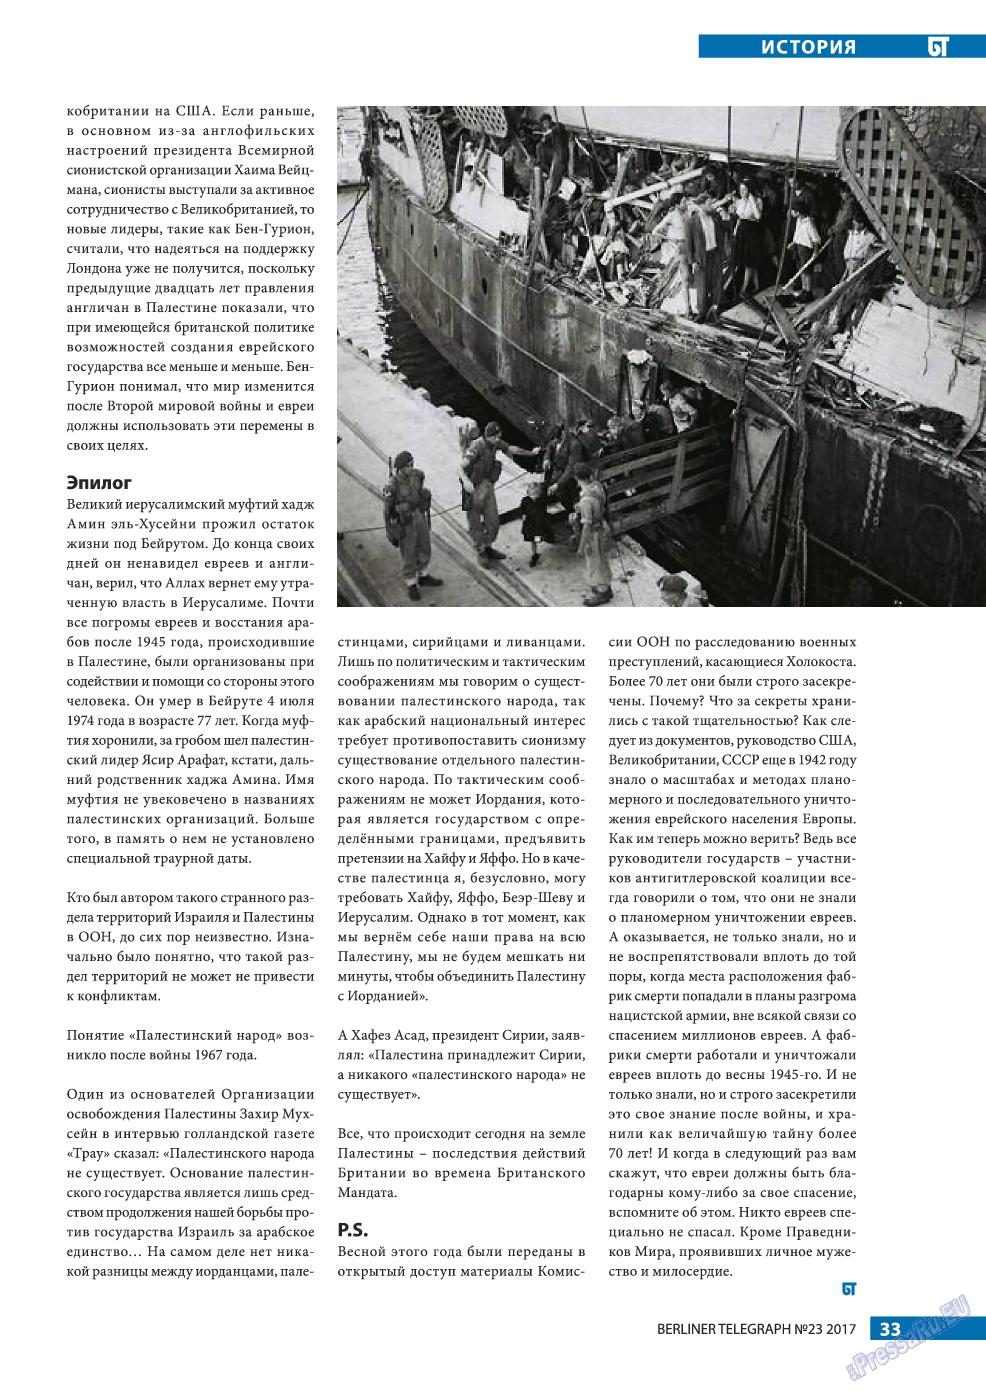 Берлинский телеграф (журнал). 2017 год, номер 23, стр. 33